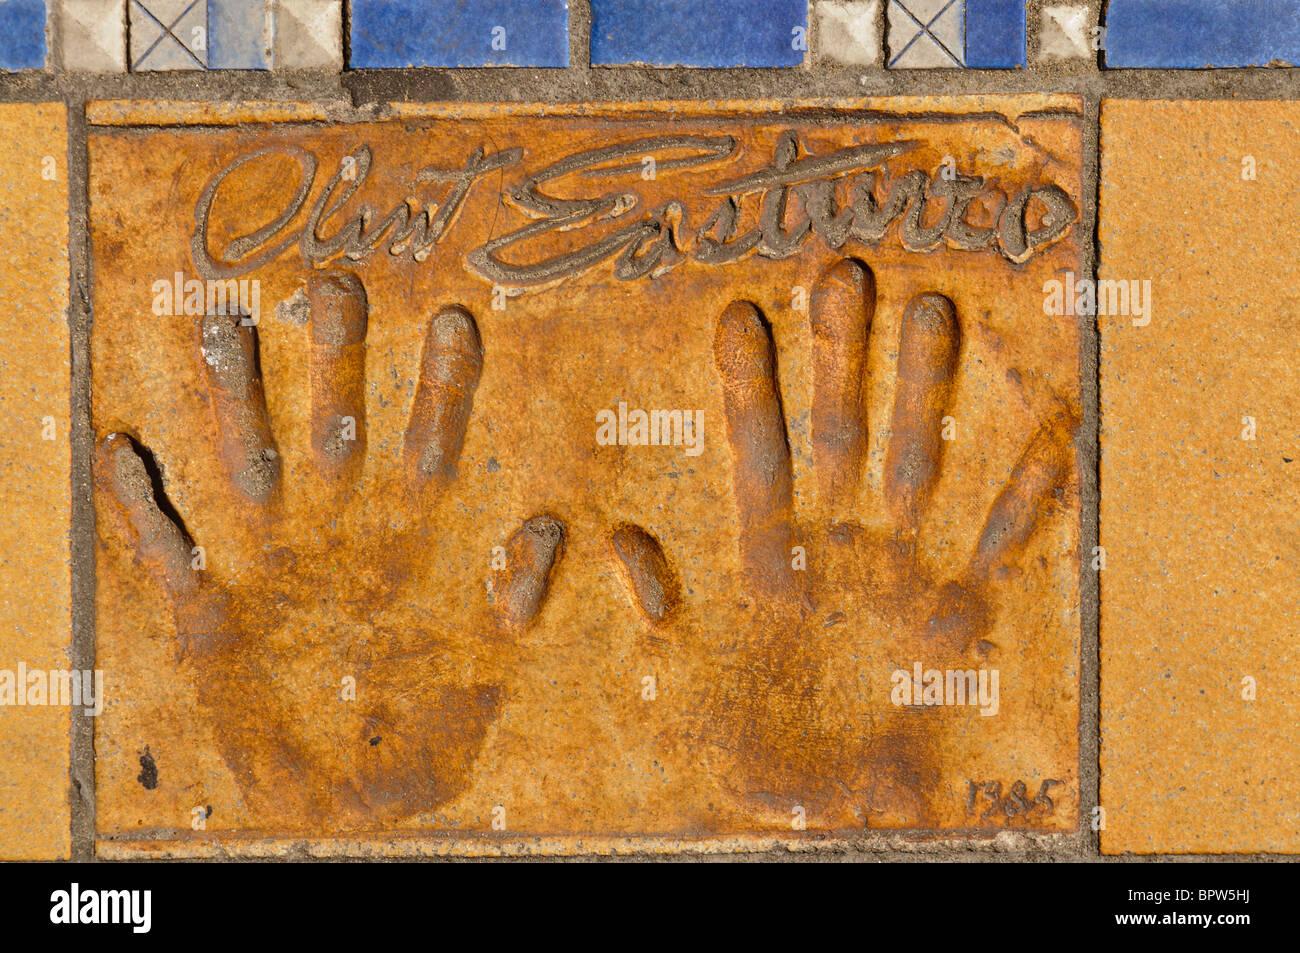 Clay handprint of actor/director Clint Eastwood outside the Palais des Festivals et des Congrès, Cannes - Stock Image